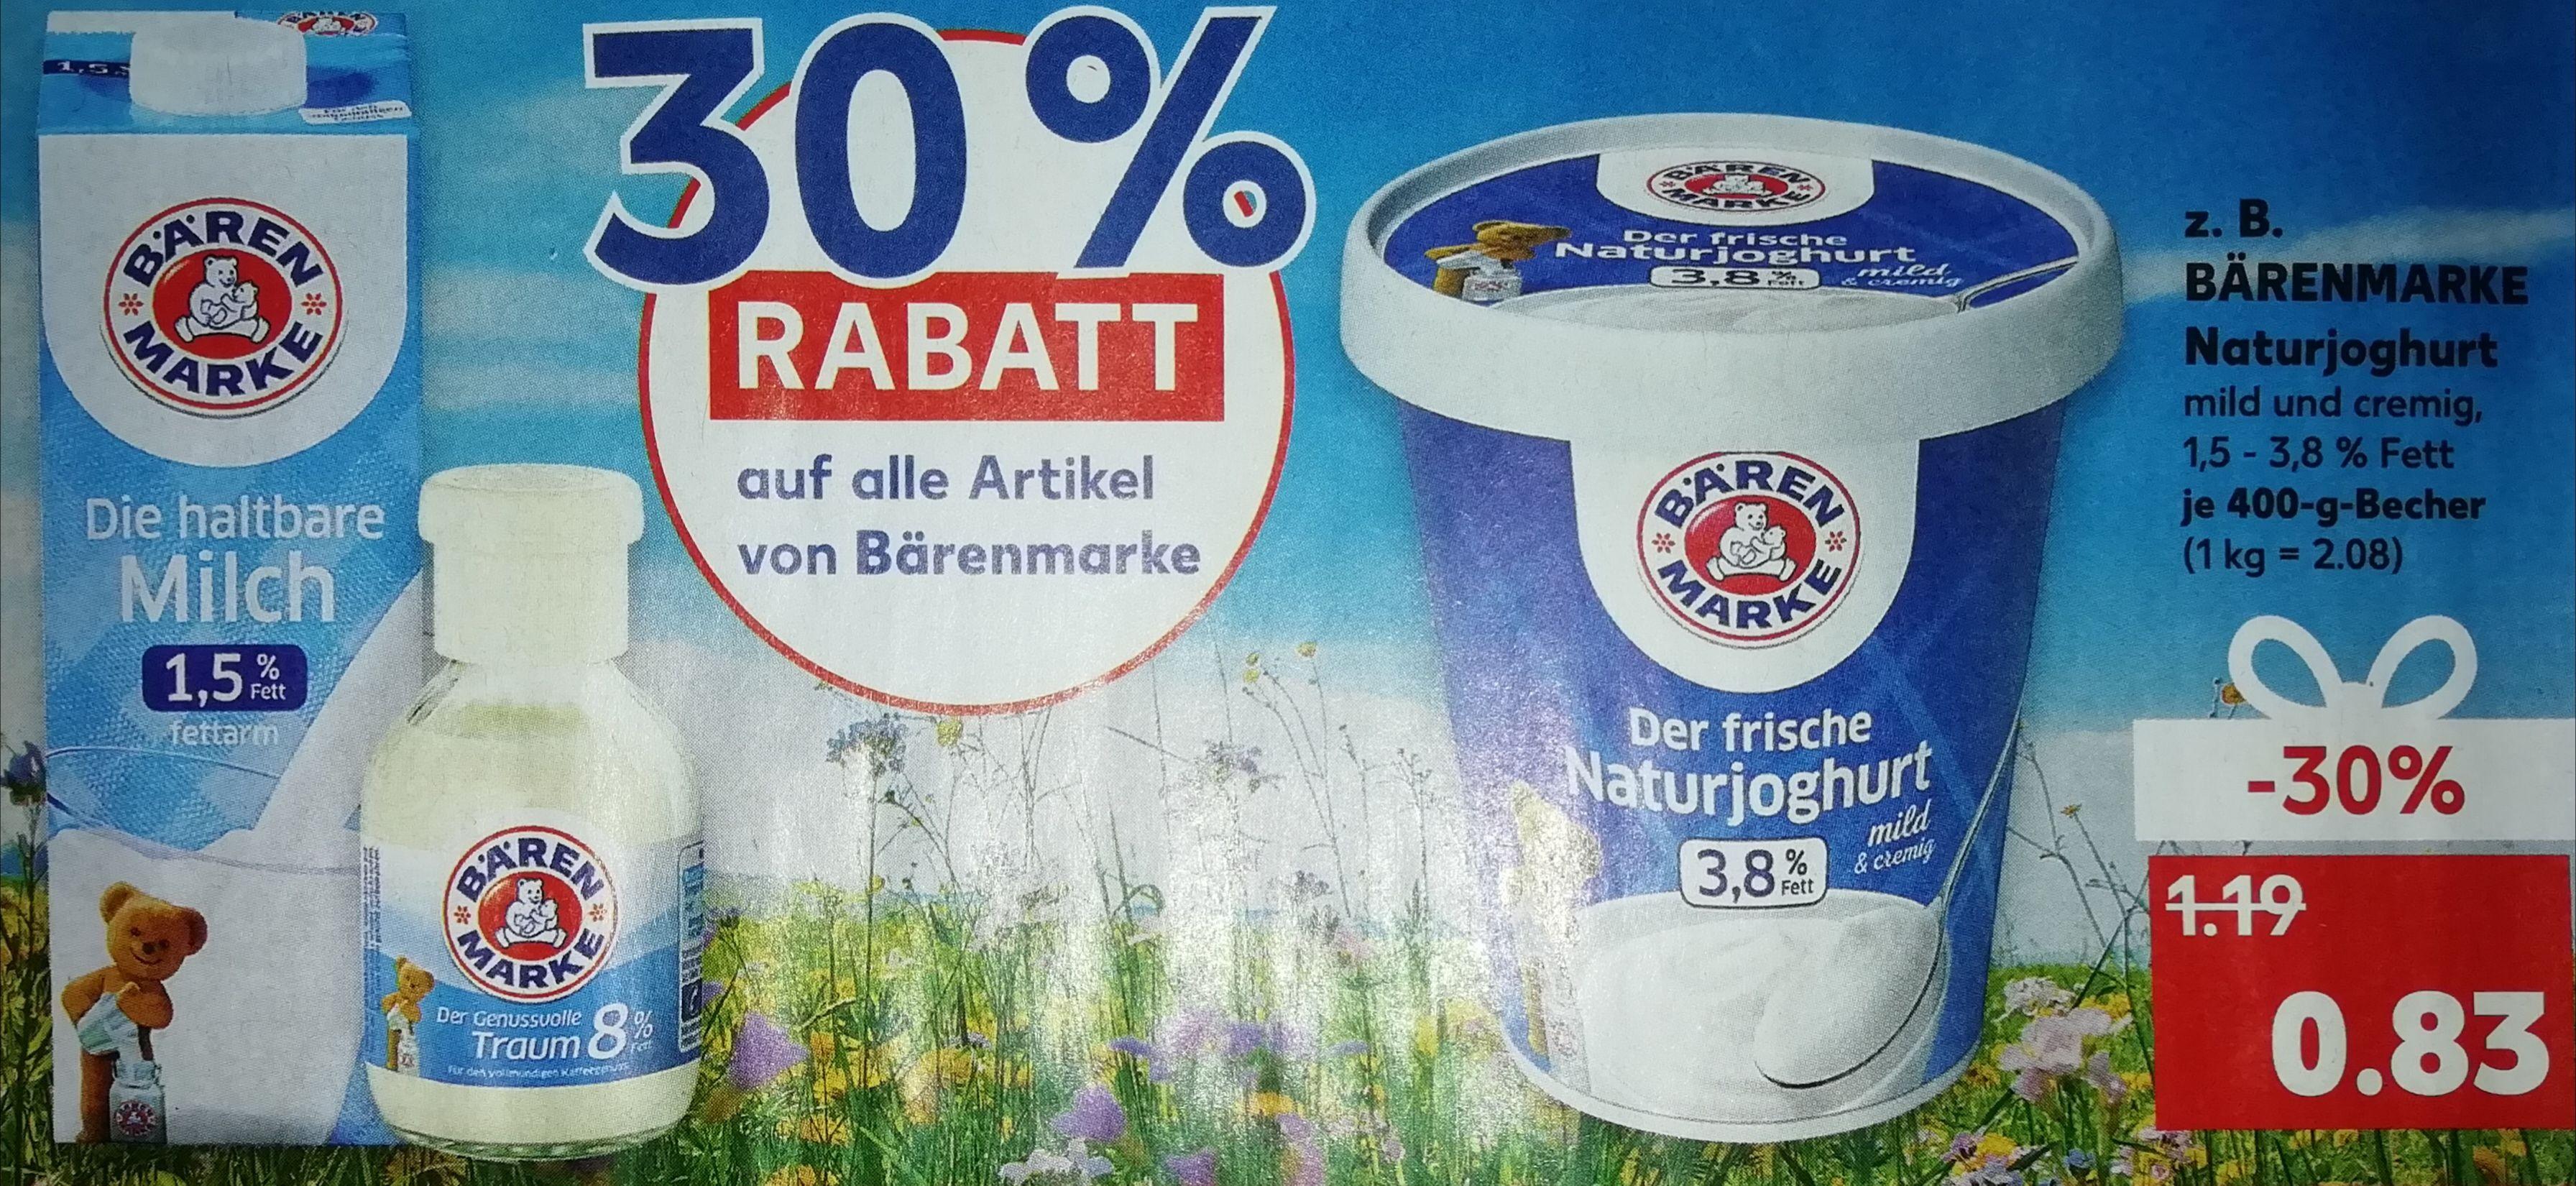 [Kaufland] 30% Rabatt auf alle Artikel von Bärenmarke